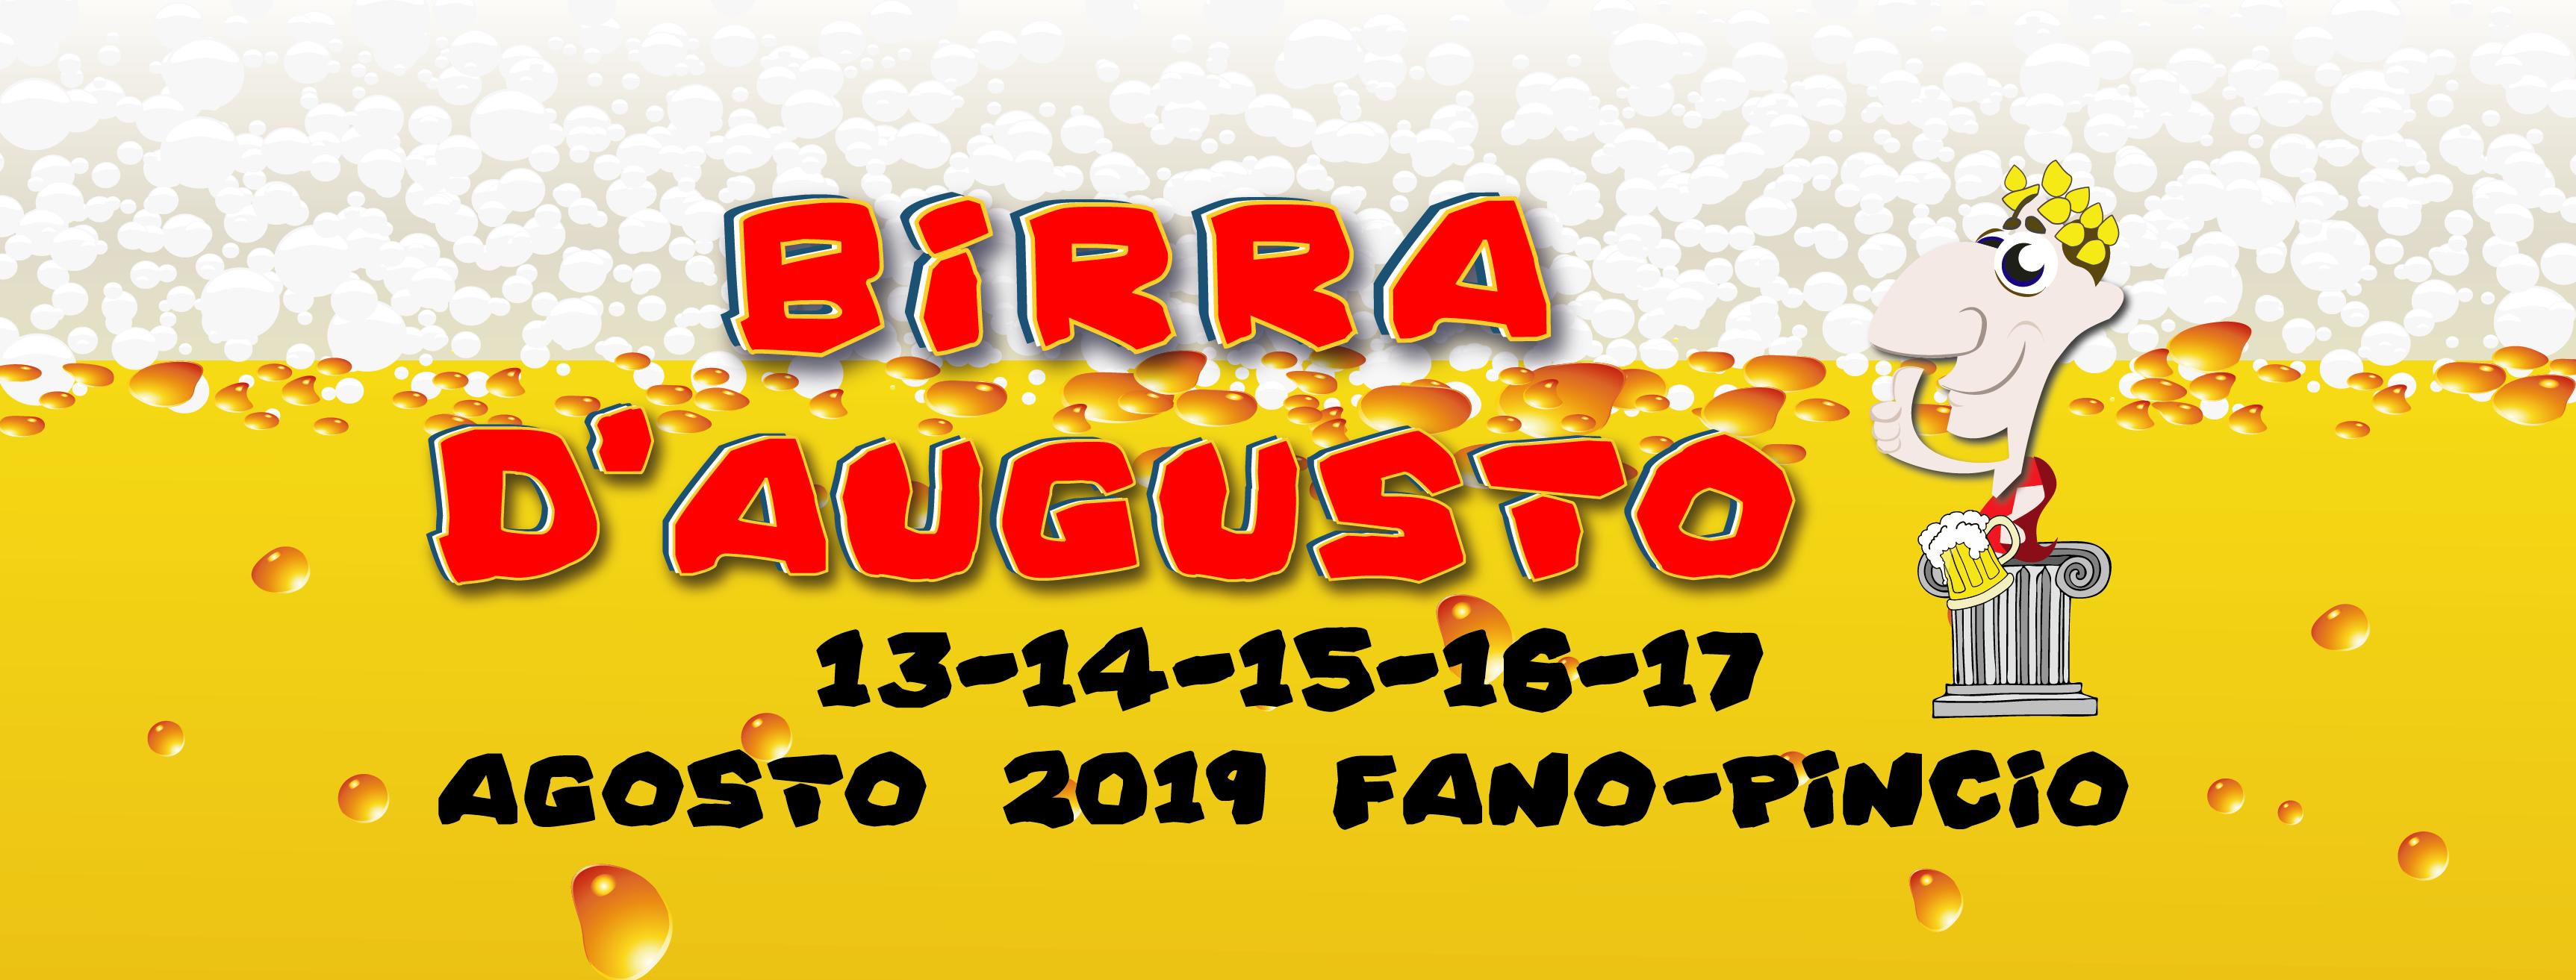 Birra d'Augusto - Fano